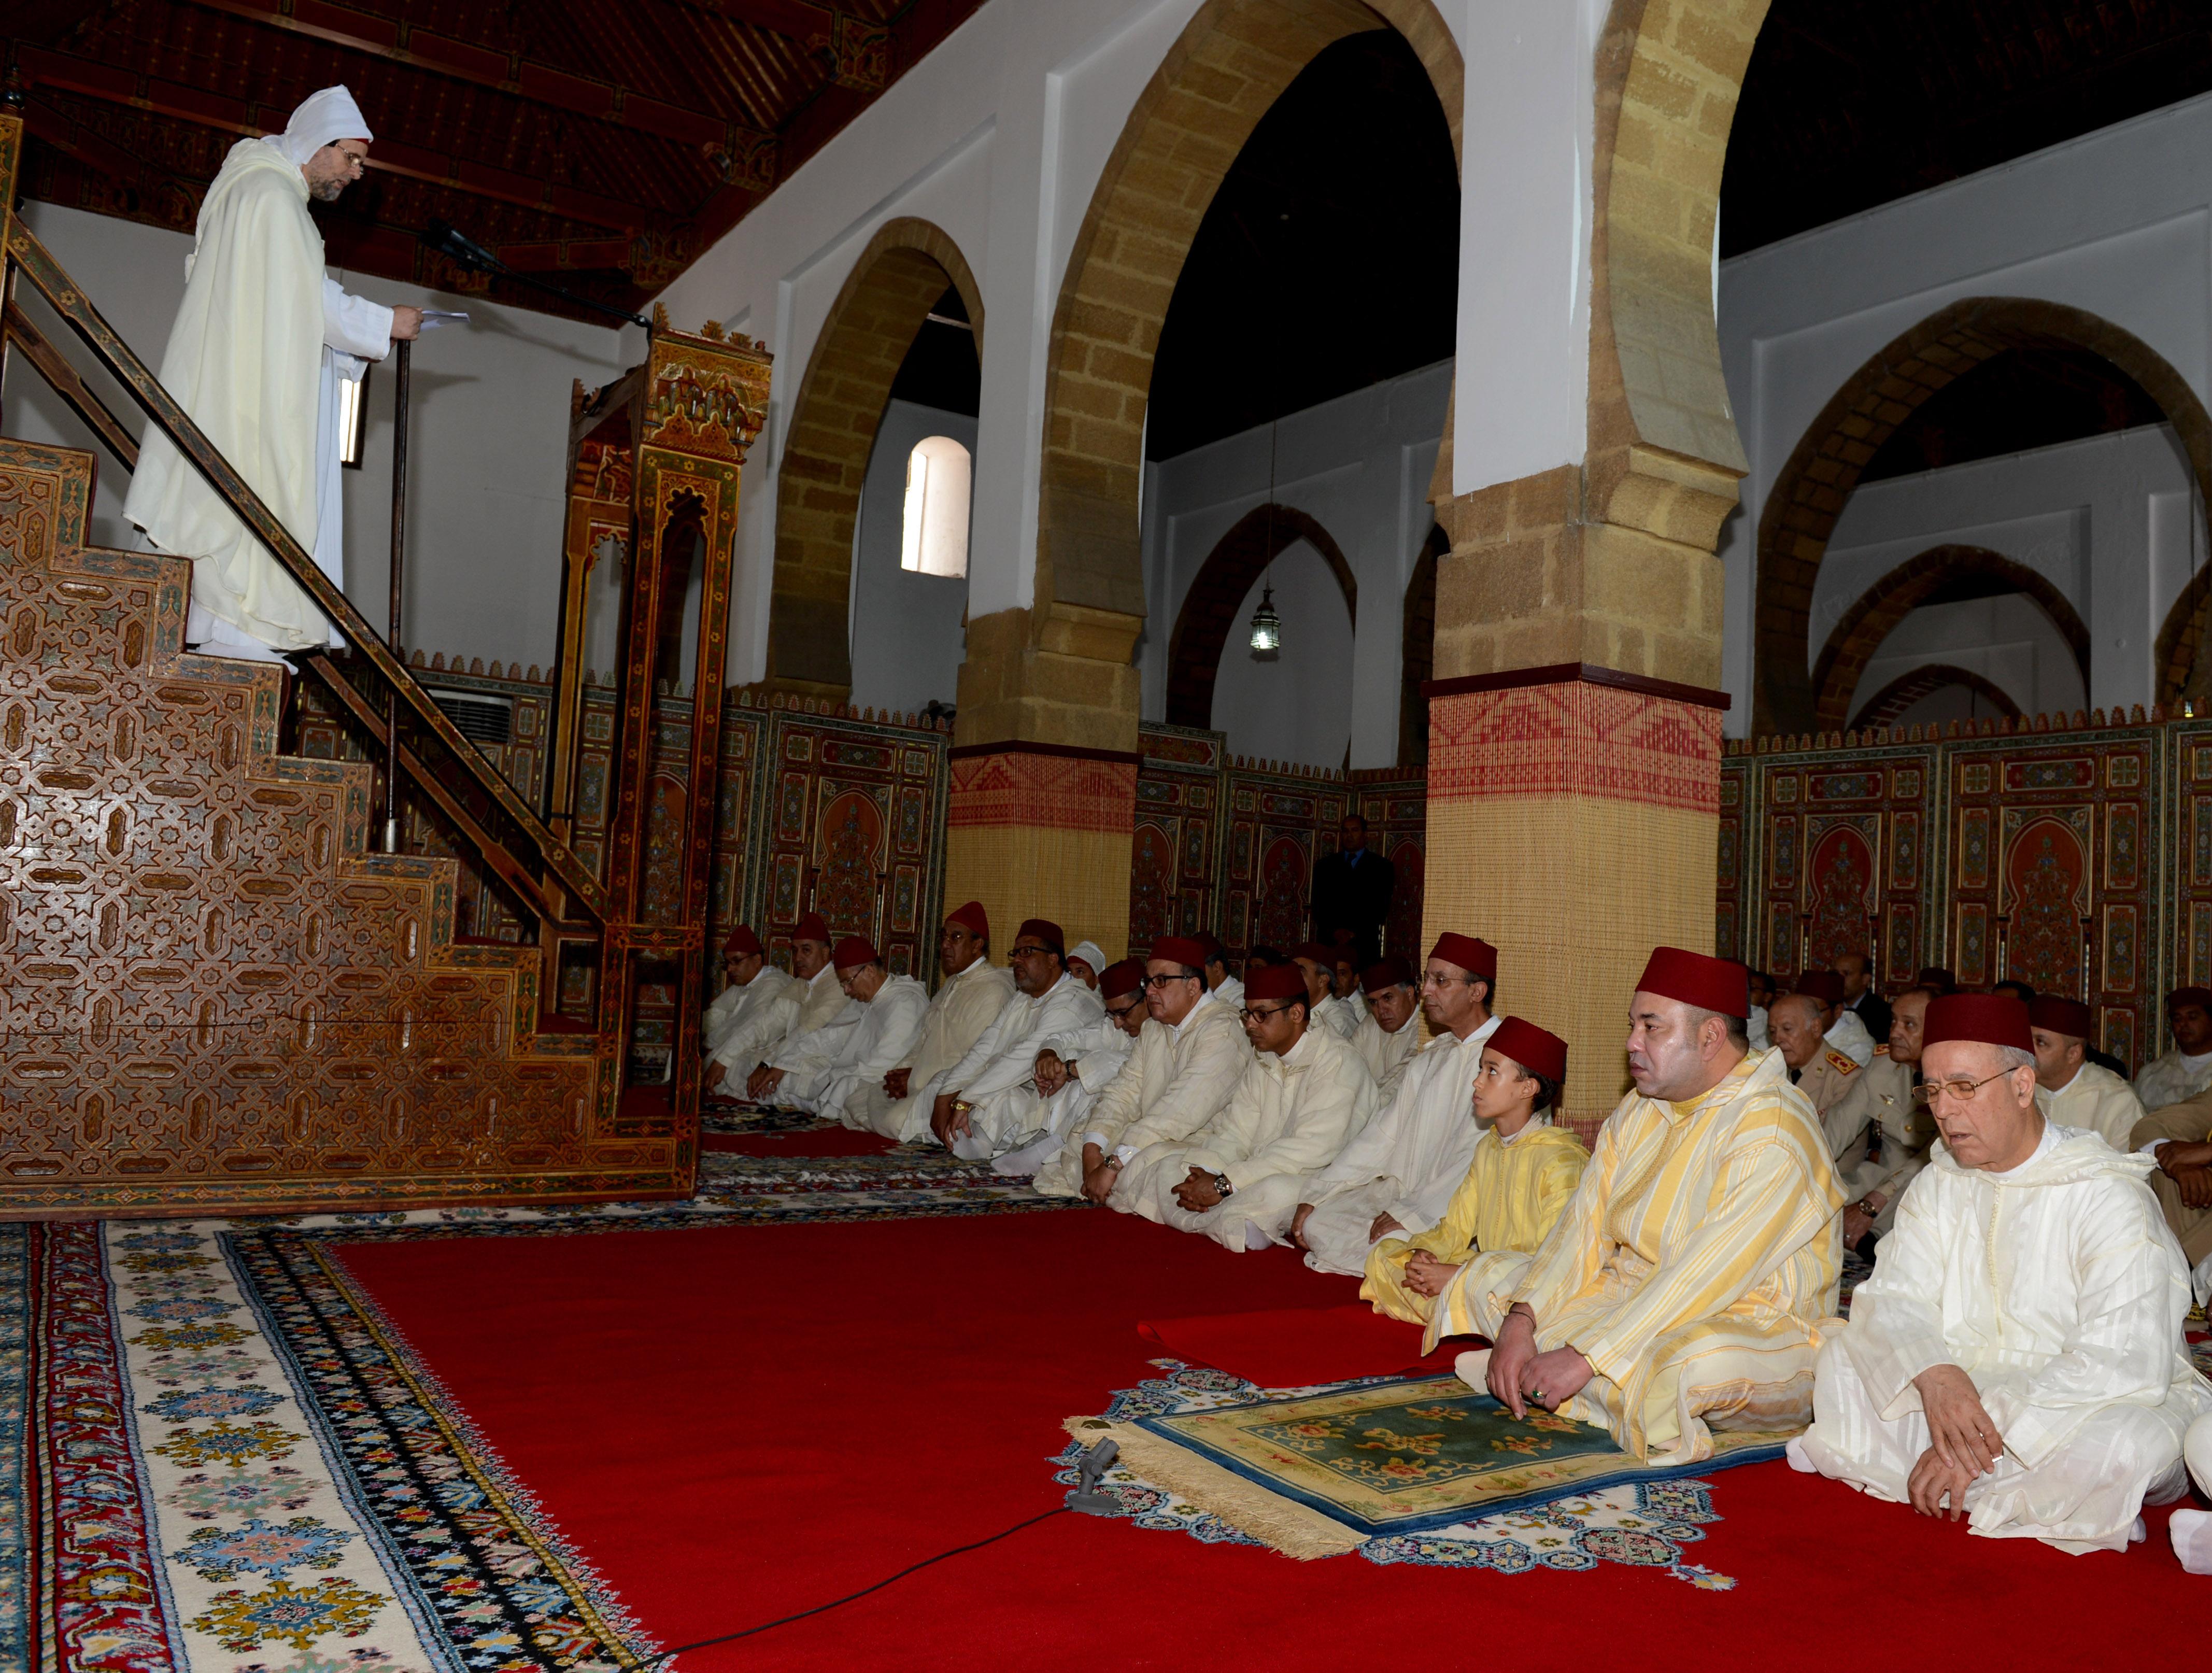 Sm le roi amir al mouminine accomplit la pri re du for Mosquee hassan 2 interieur